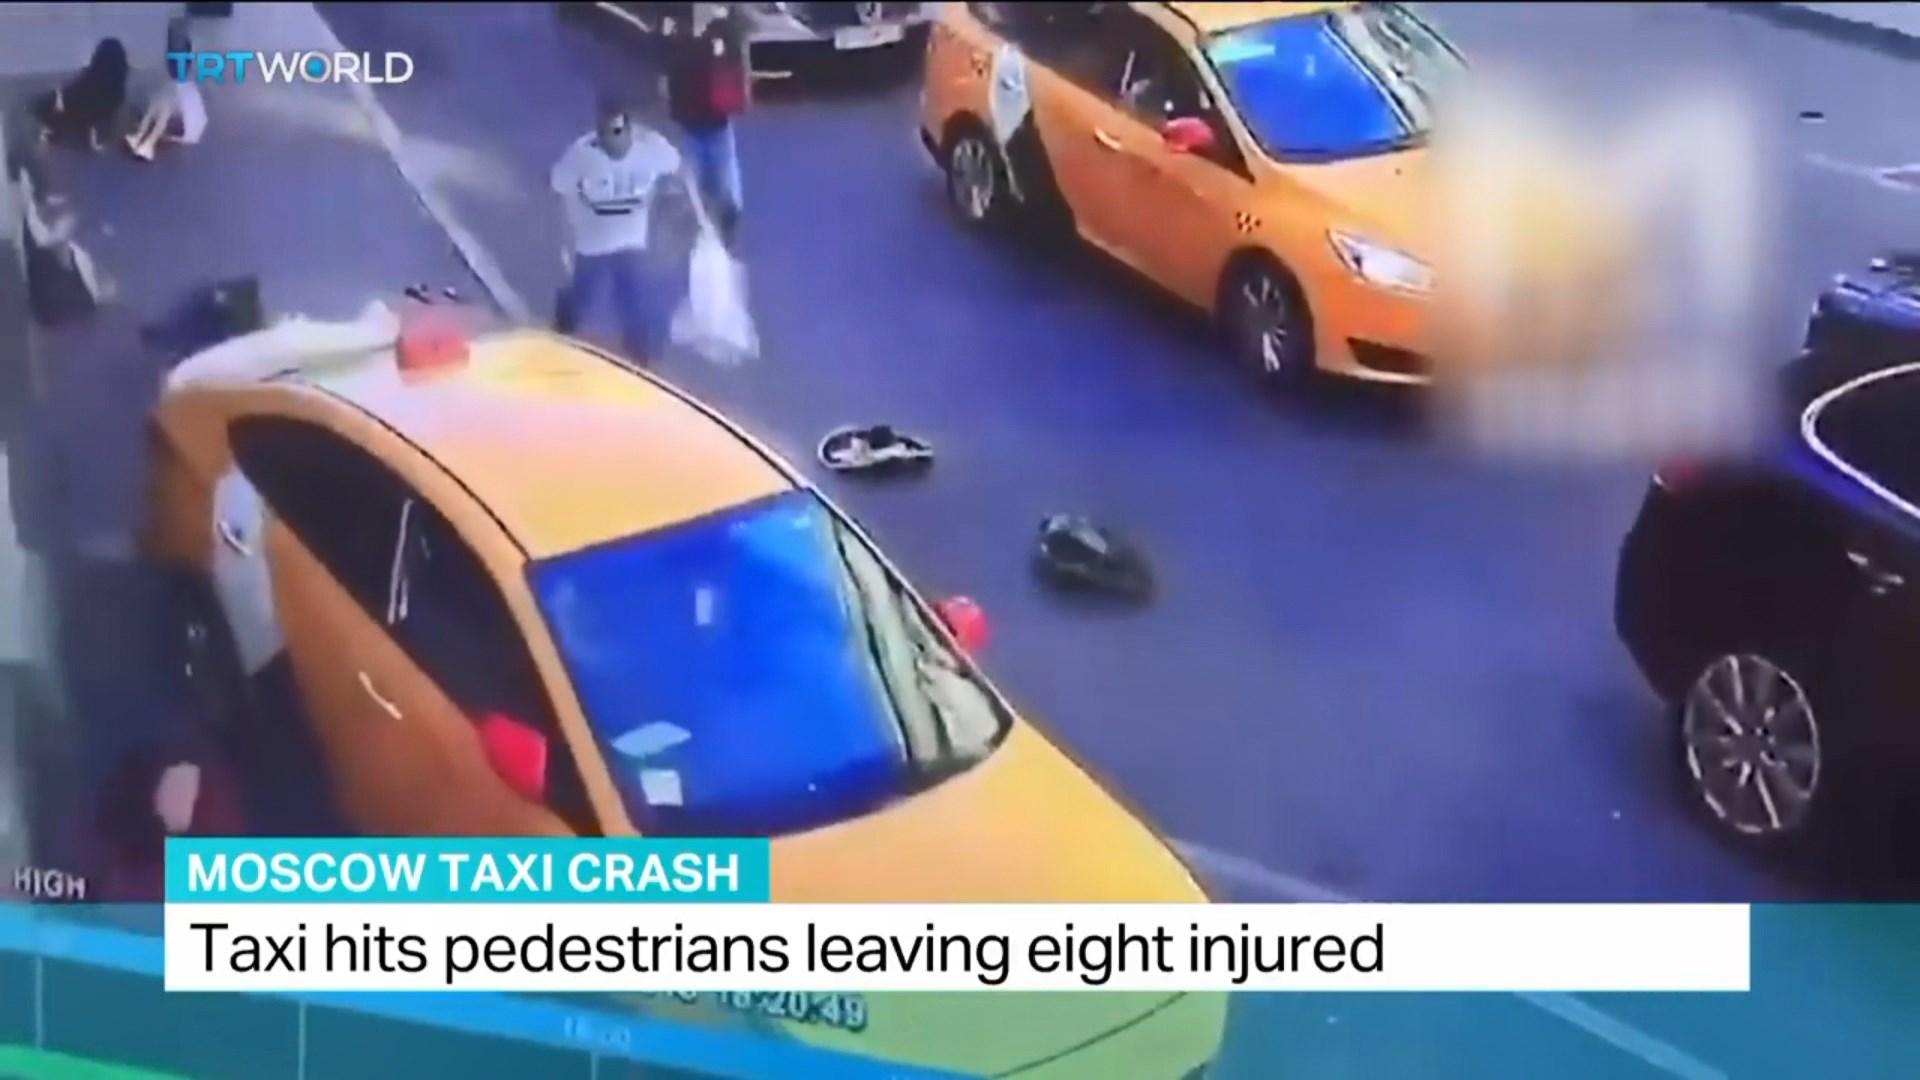 Incidenti me taksinë në Moskë, hetuesit përjashtojnë pistën e terrorizmit